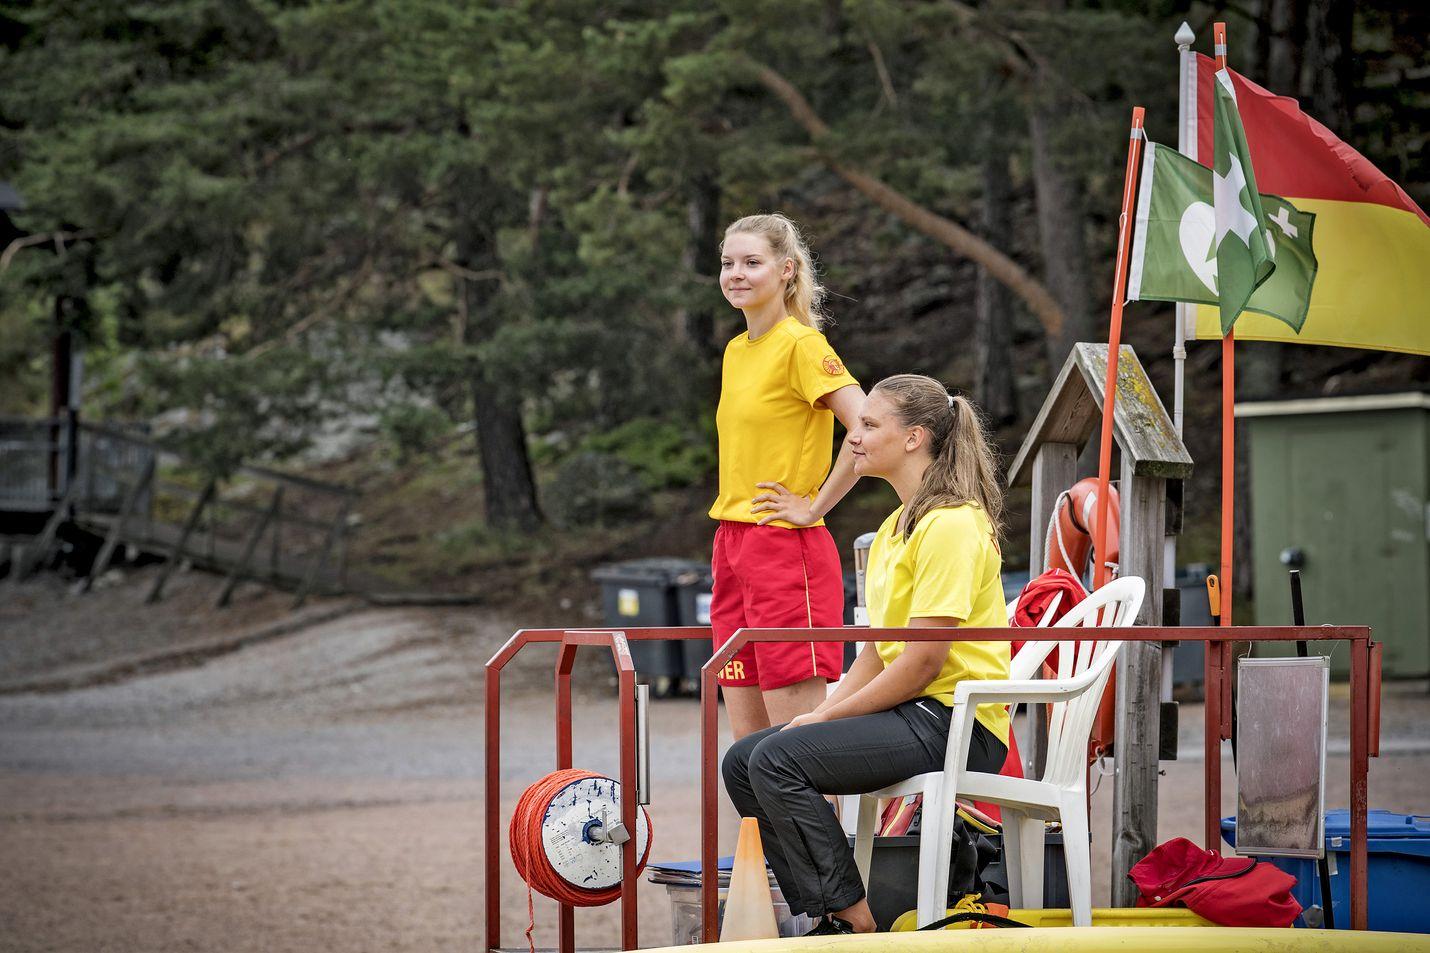 Alexandra Pihlajamäki ja Emma Uusküla valvovat Ispoisten uimarantaa Turussa. Rantavalvojat kertovat, että hukkuva ei pysty näyttämään hätäänsä. Rantavalvojat on koulutettu tunnistamaan miltä hukkuva ihminen näyttää.